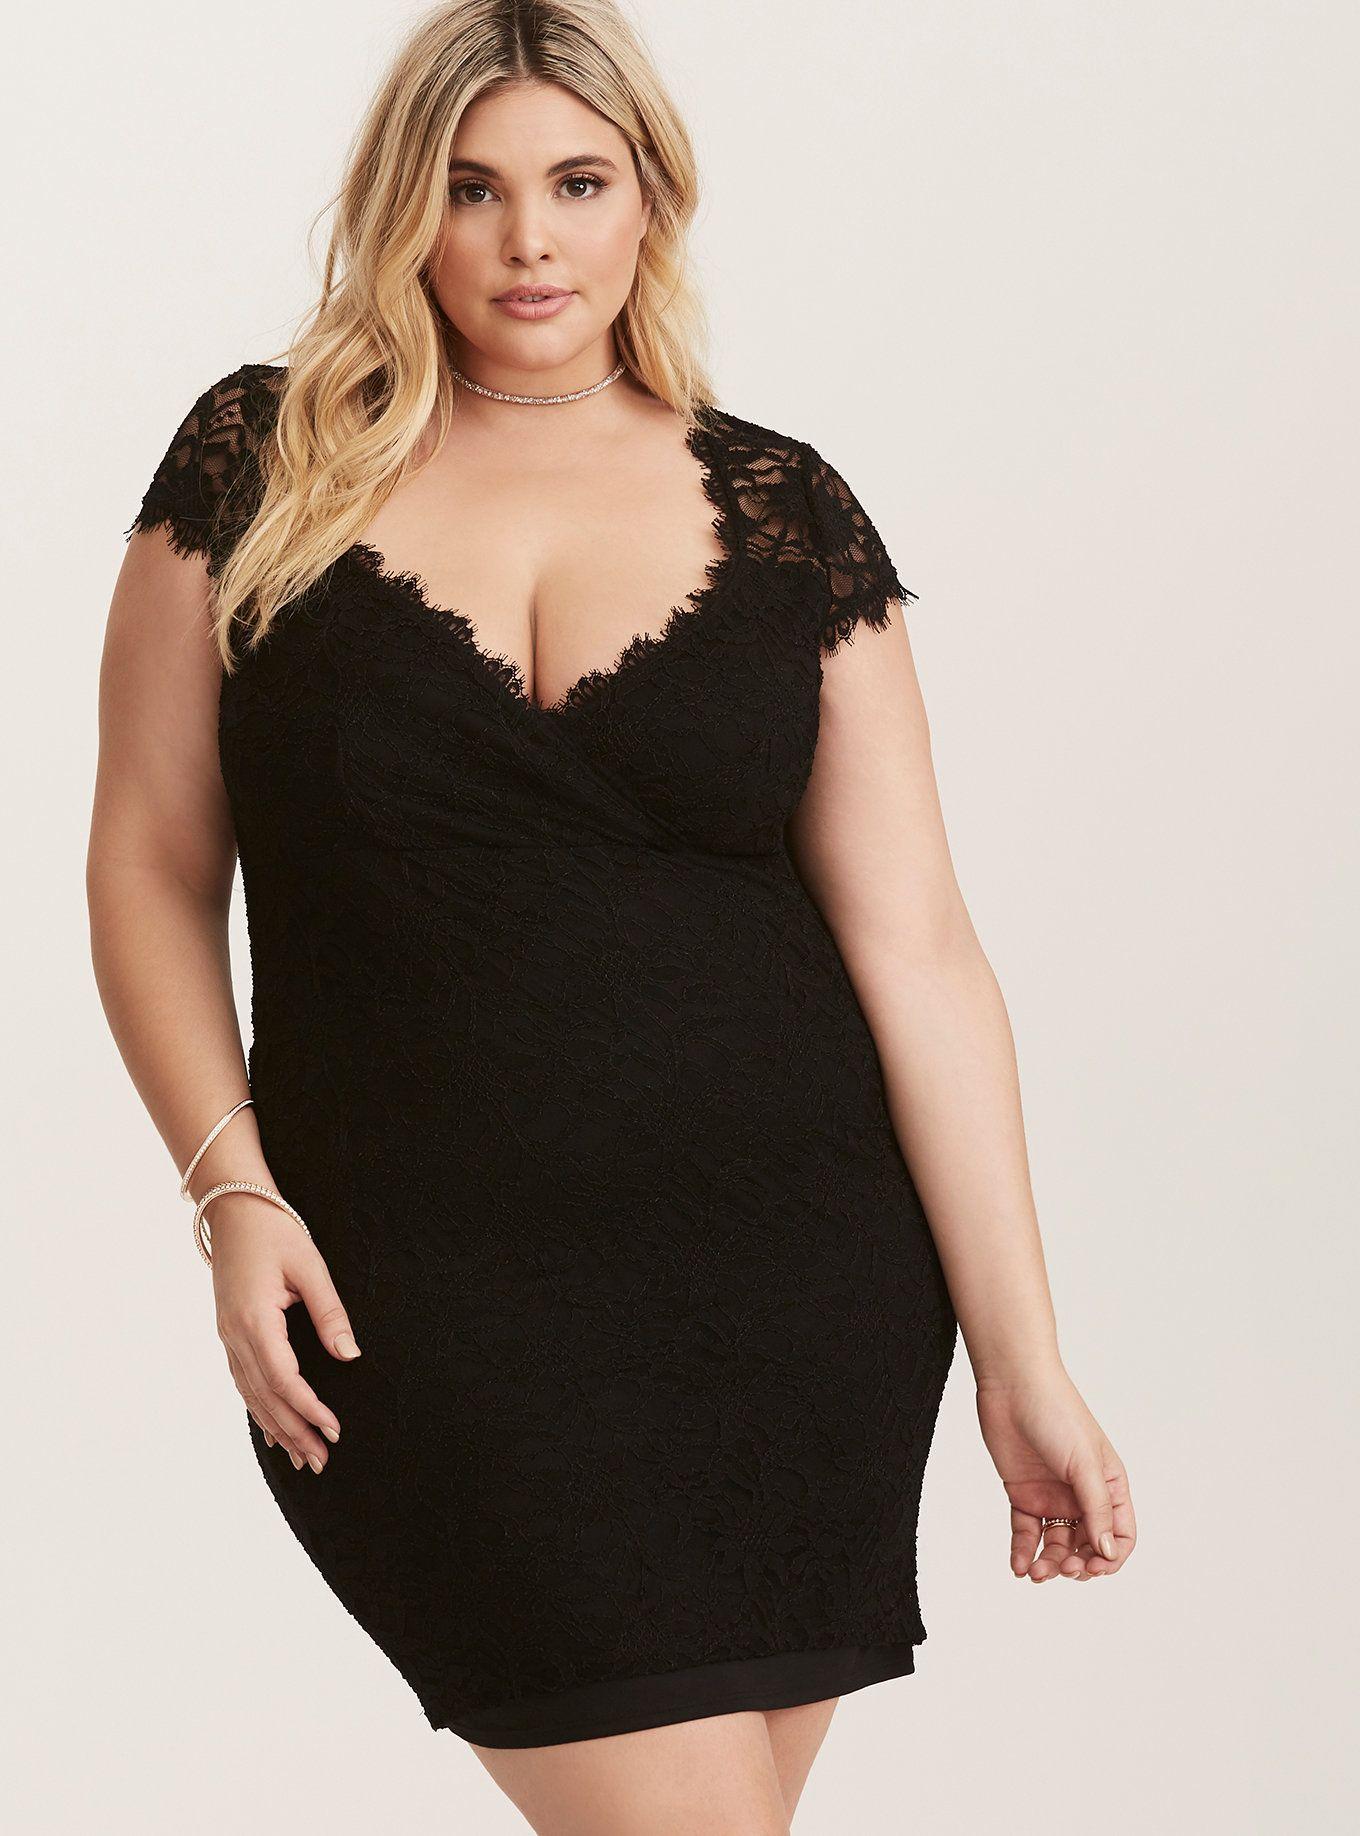 Plus Size Party Dress - Plus Size Cocktail Dress | fashion | Pinterest